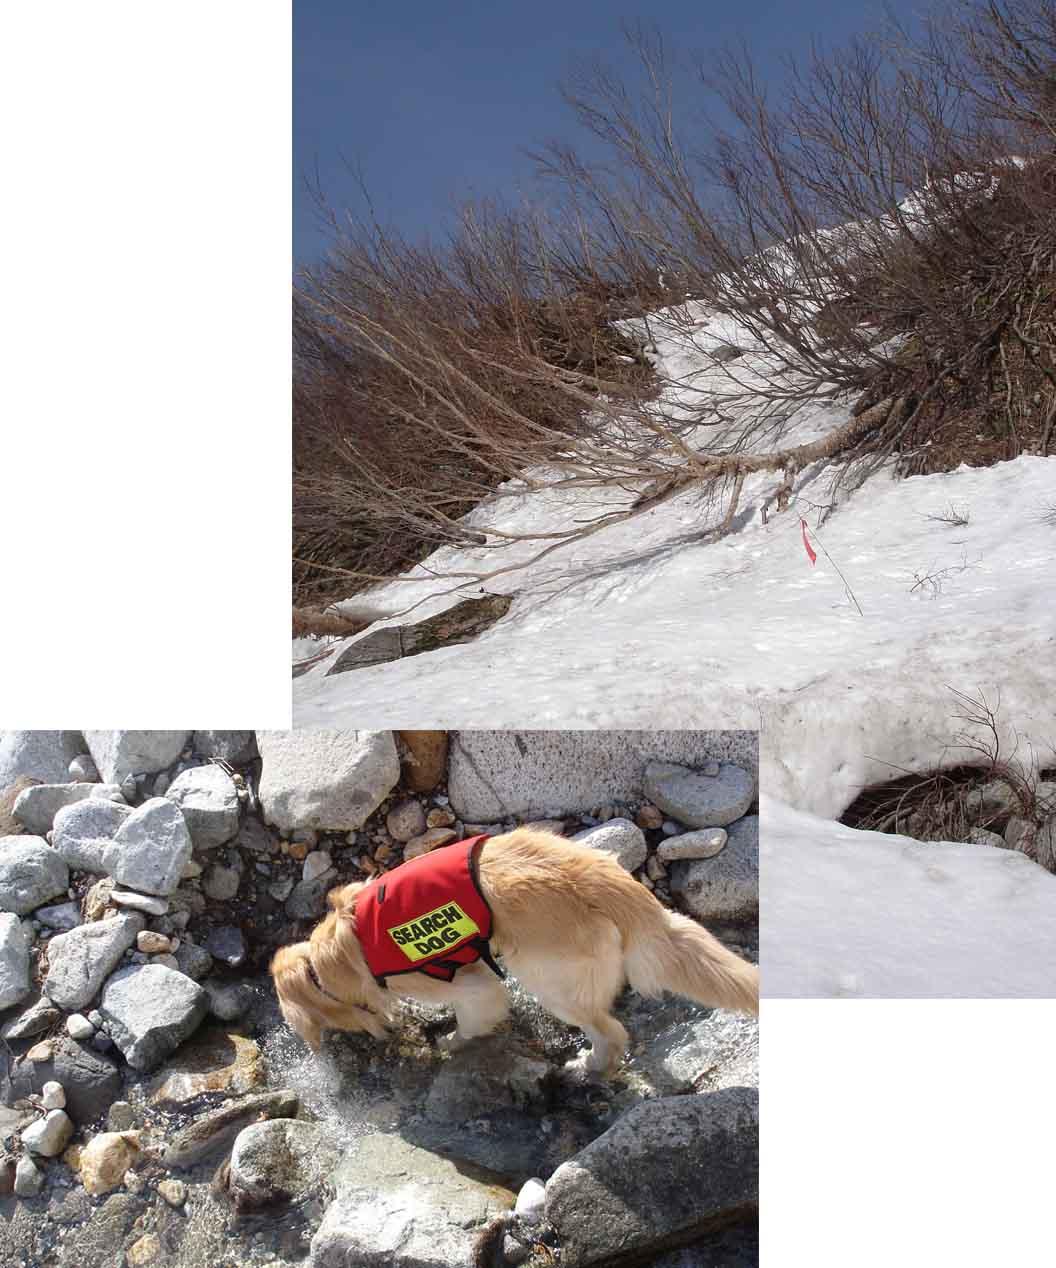 急な雪壁を川床まで下り水を飲むが…